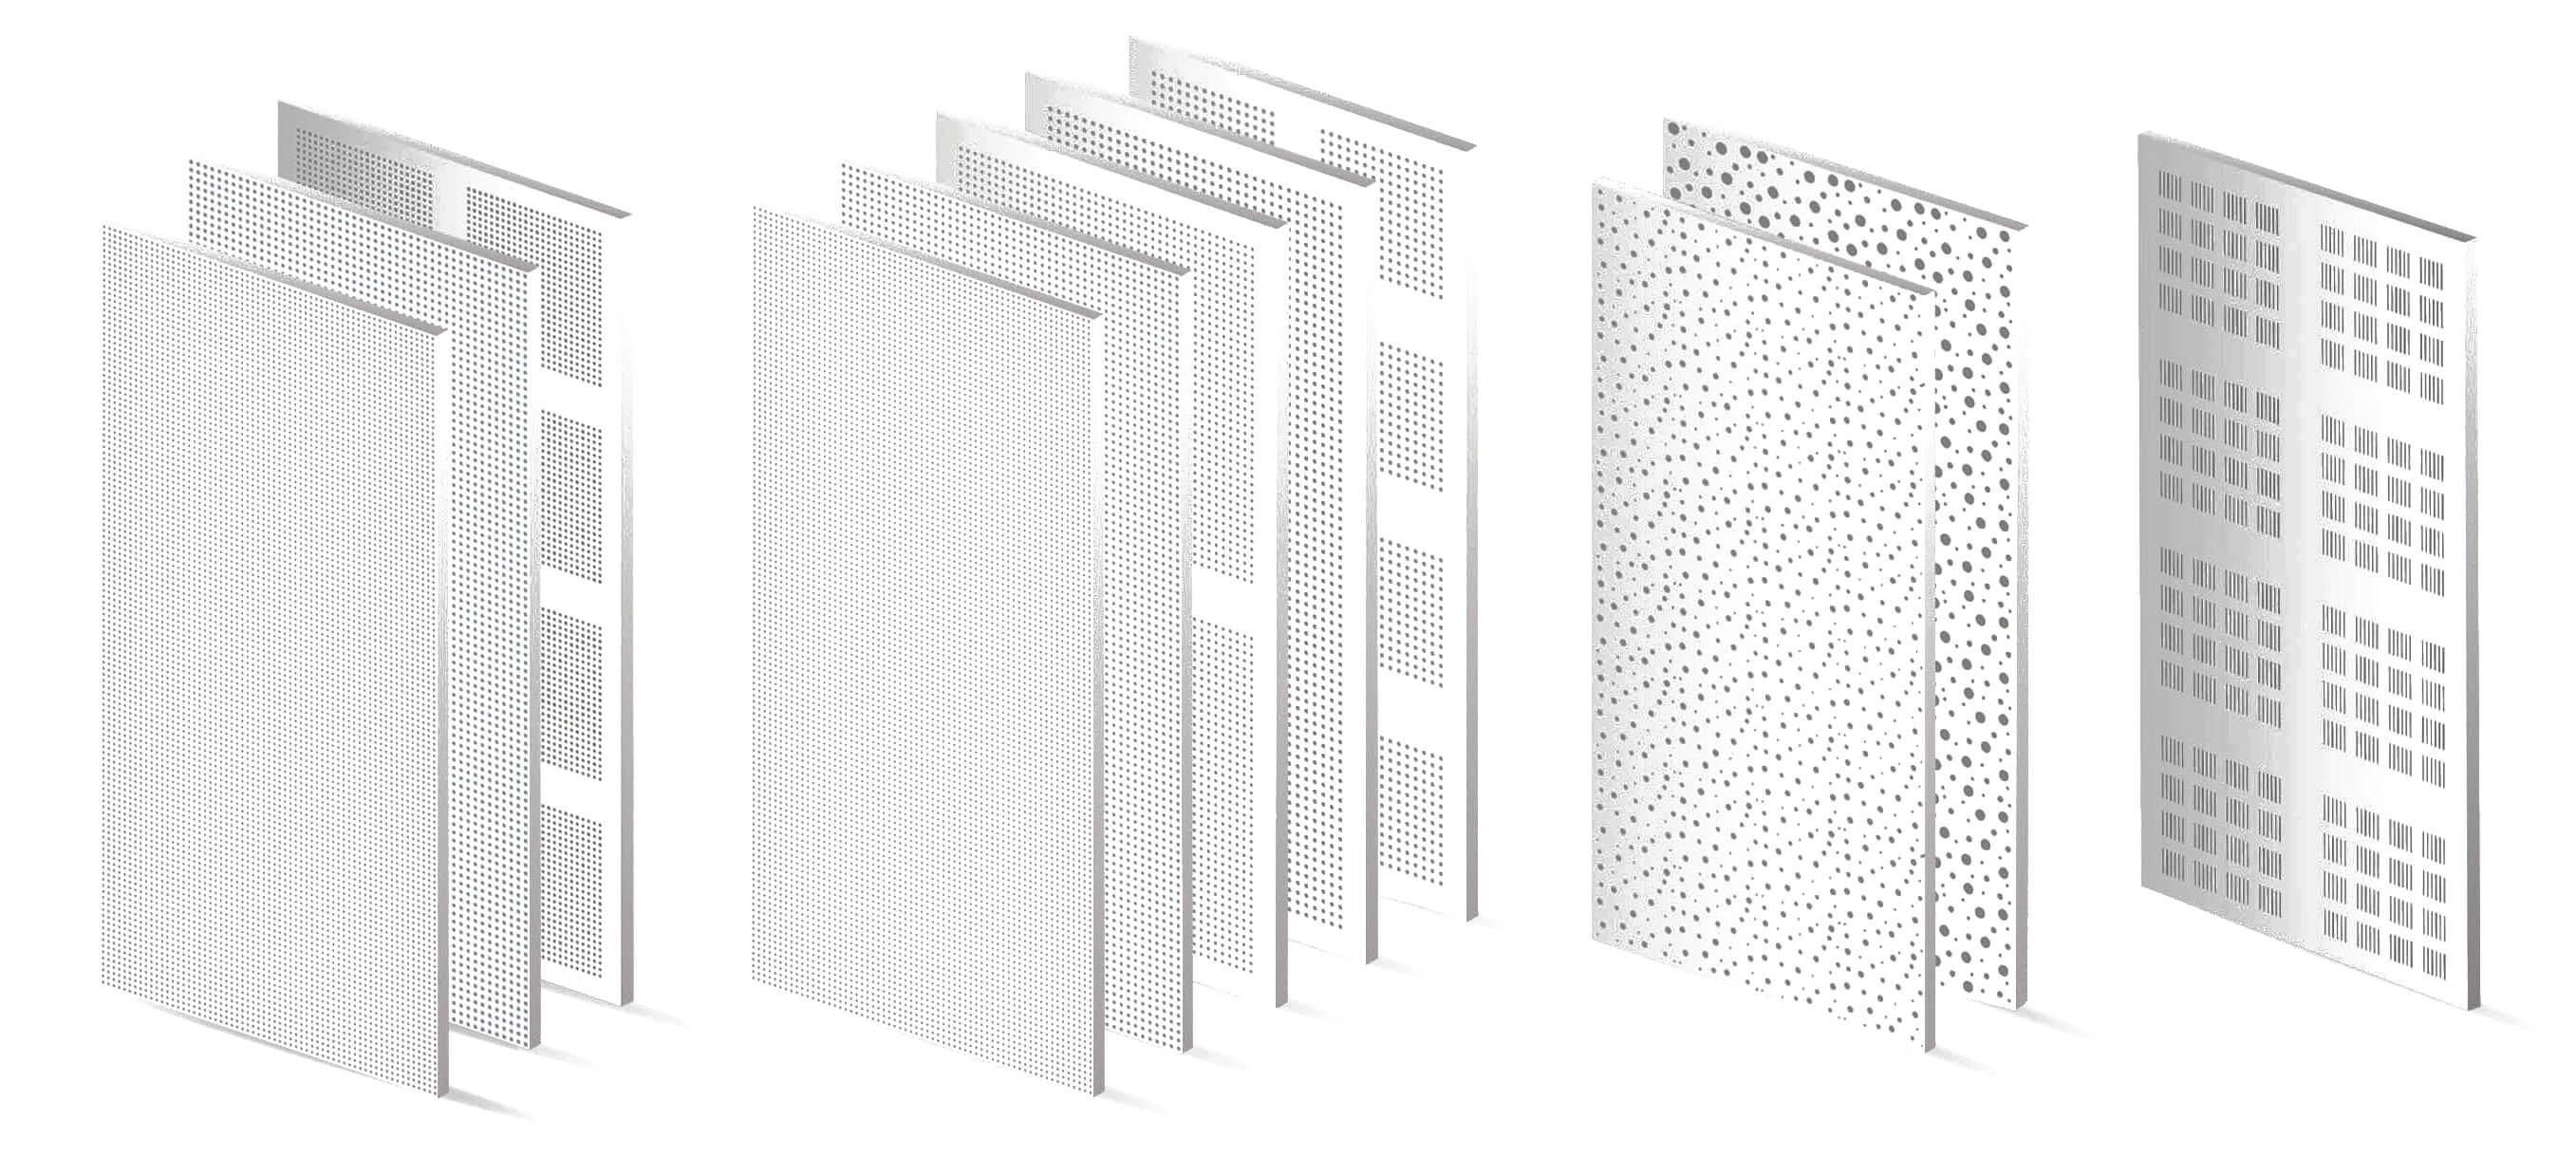 Los 11 modelos disponibles de la Placa Siniat Prégybel